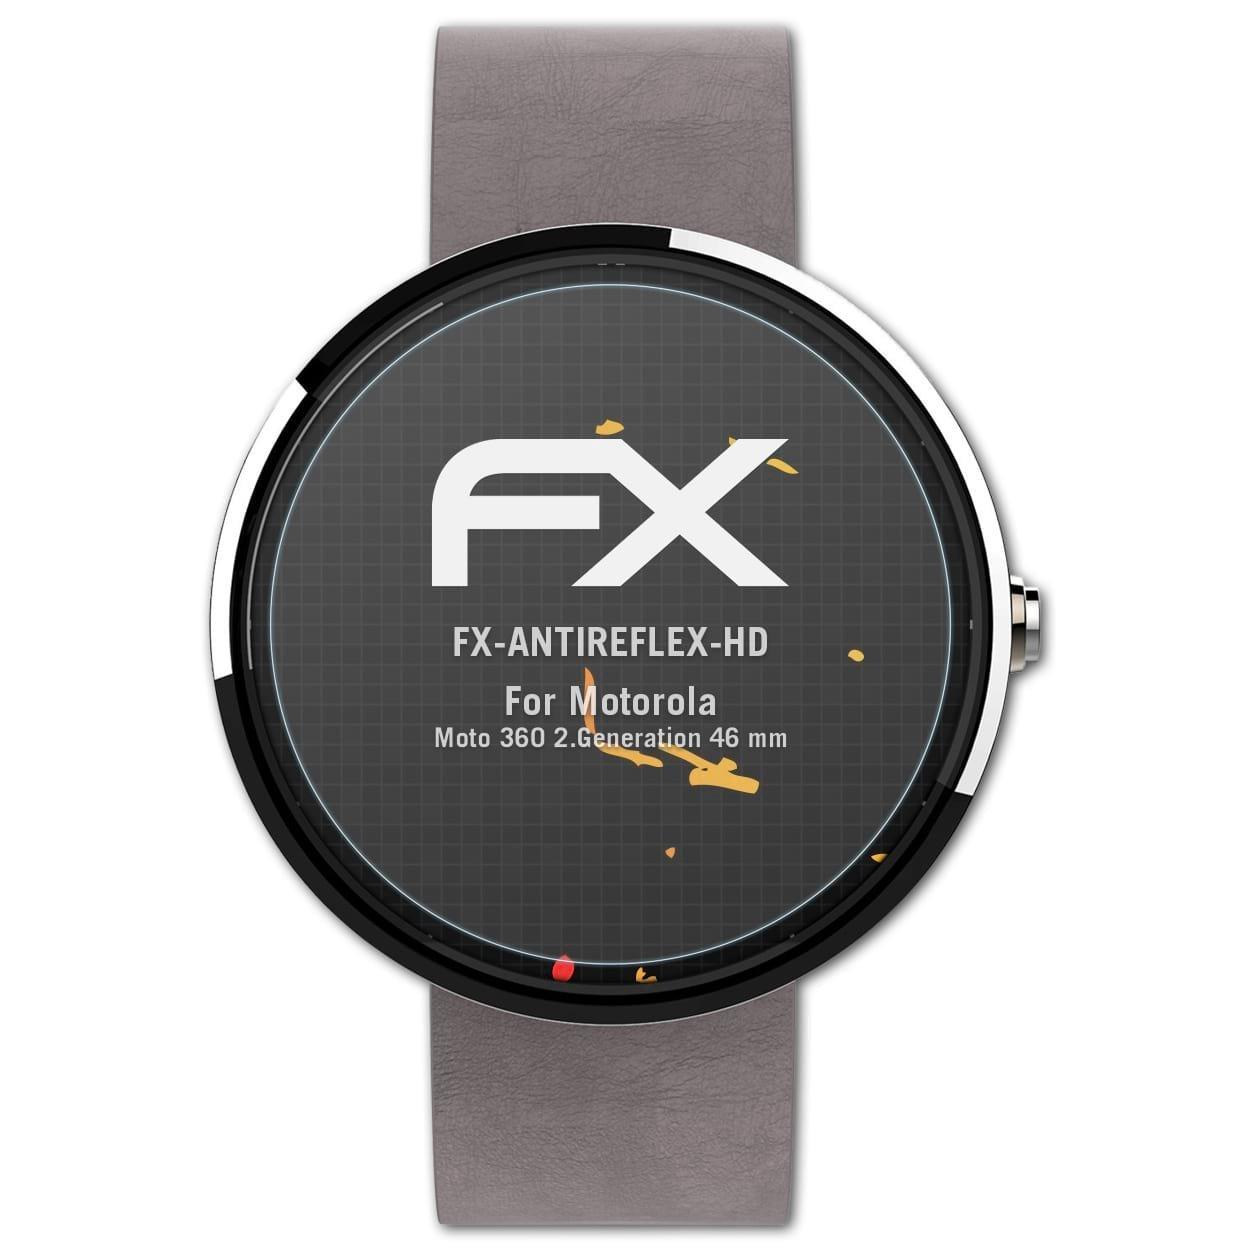 atFoliX Protector Película Compatible con Motorola Moto 360 2 ...